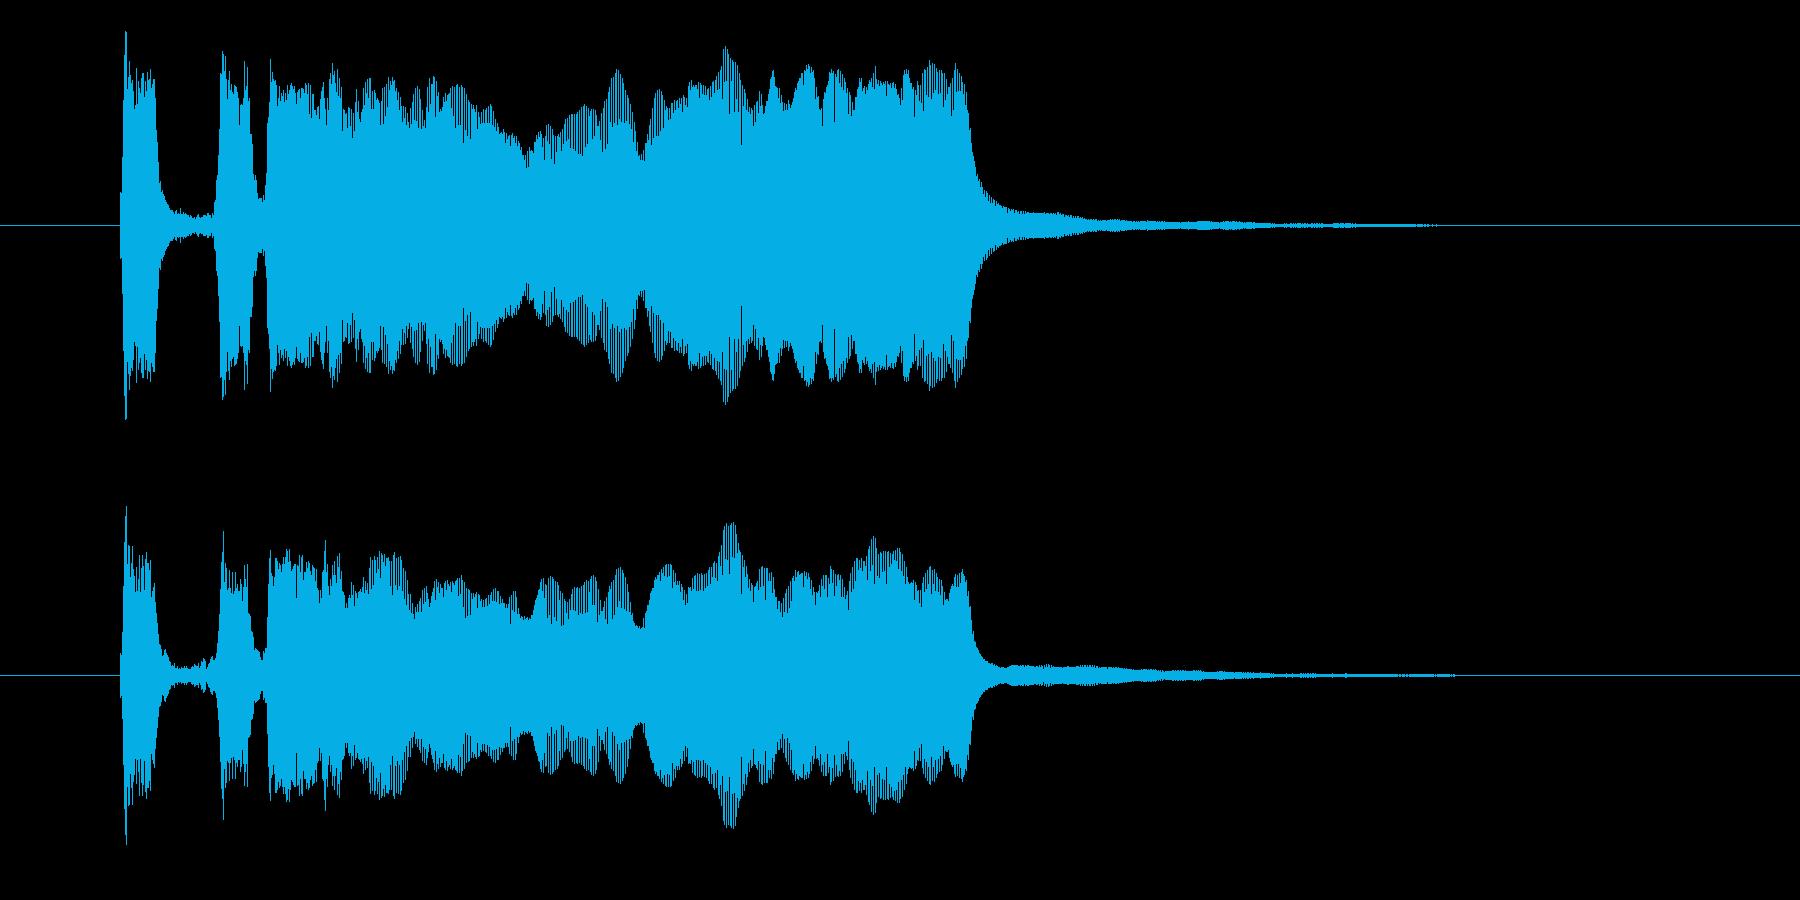 パッパパー(衝撃的な登場音)の再生済みの波形